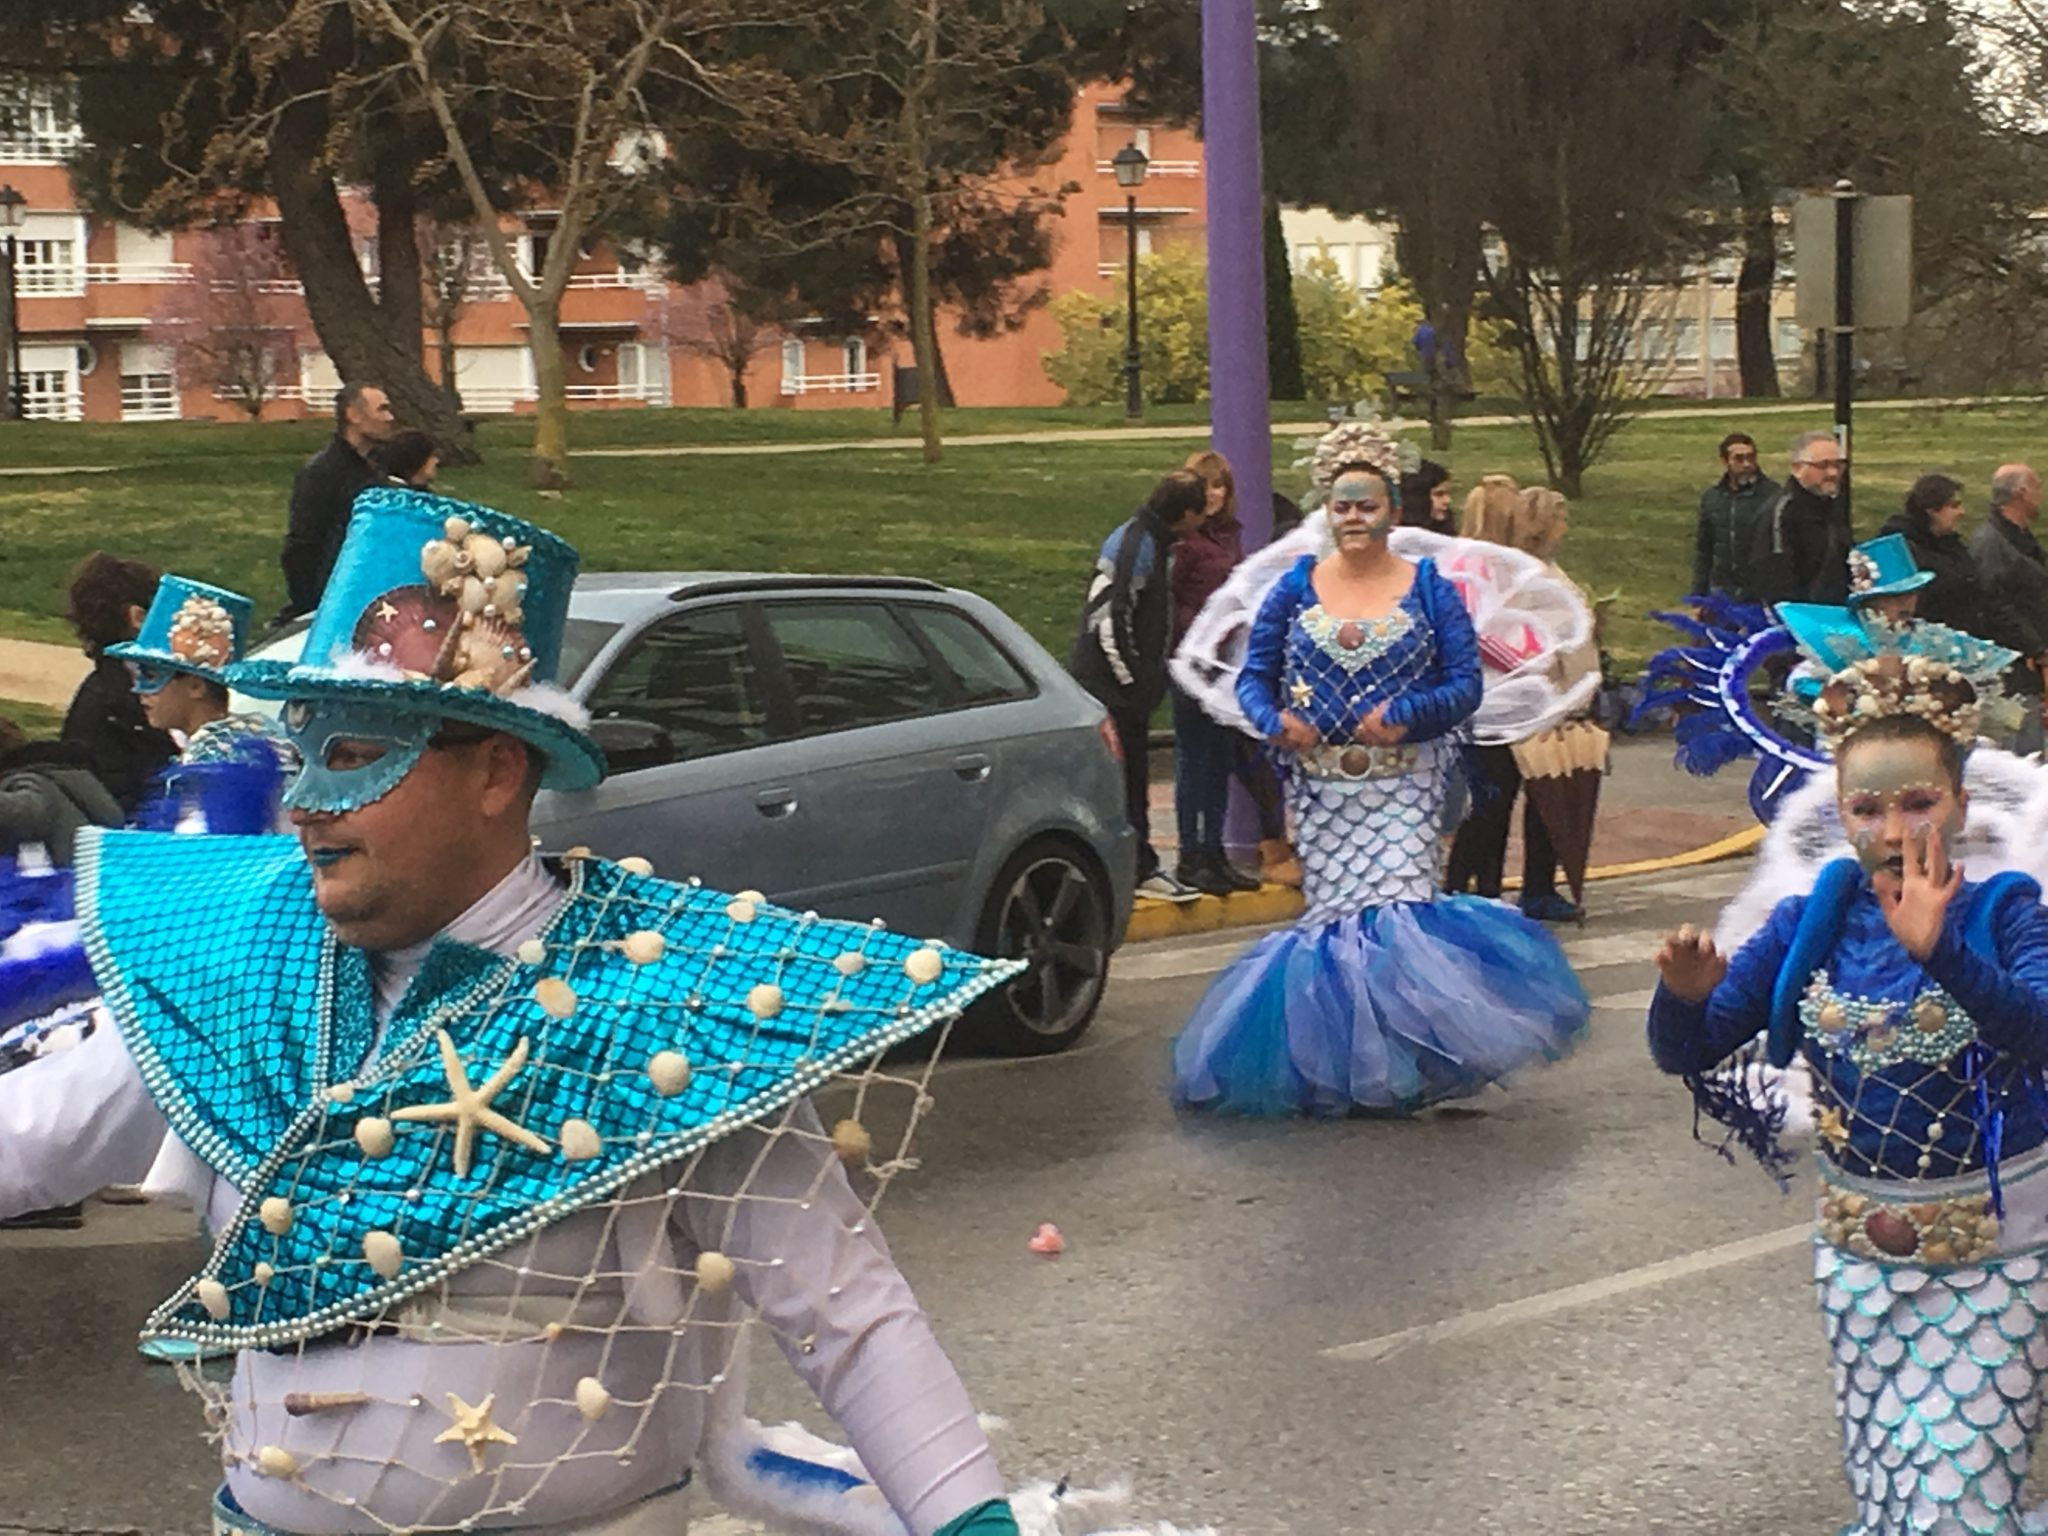 Álbum de fotos del martes de Carnaval 2019 en Ponferrada 41